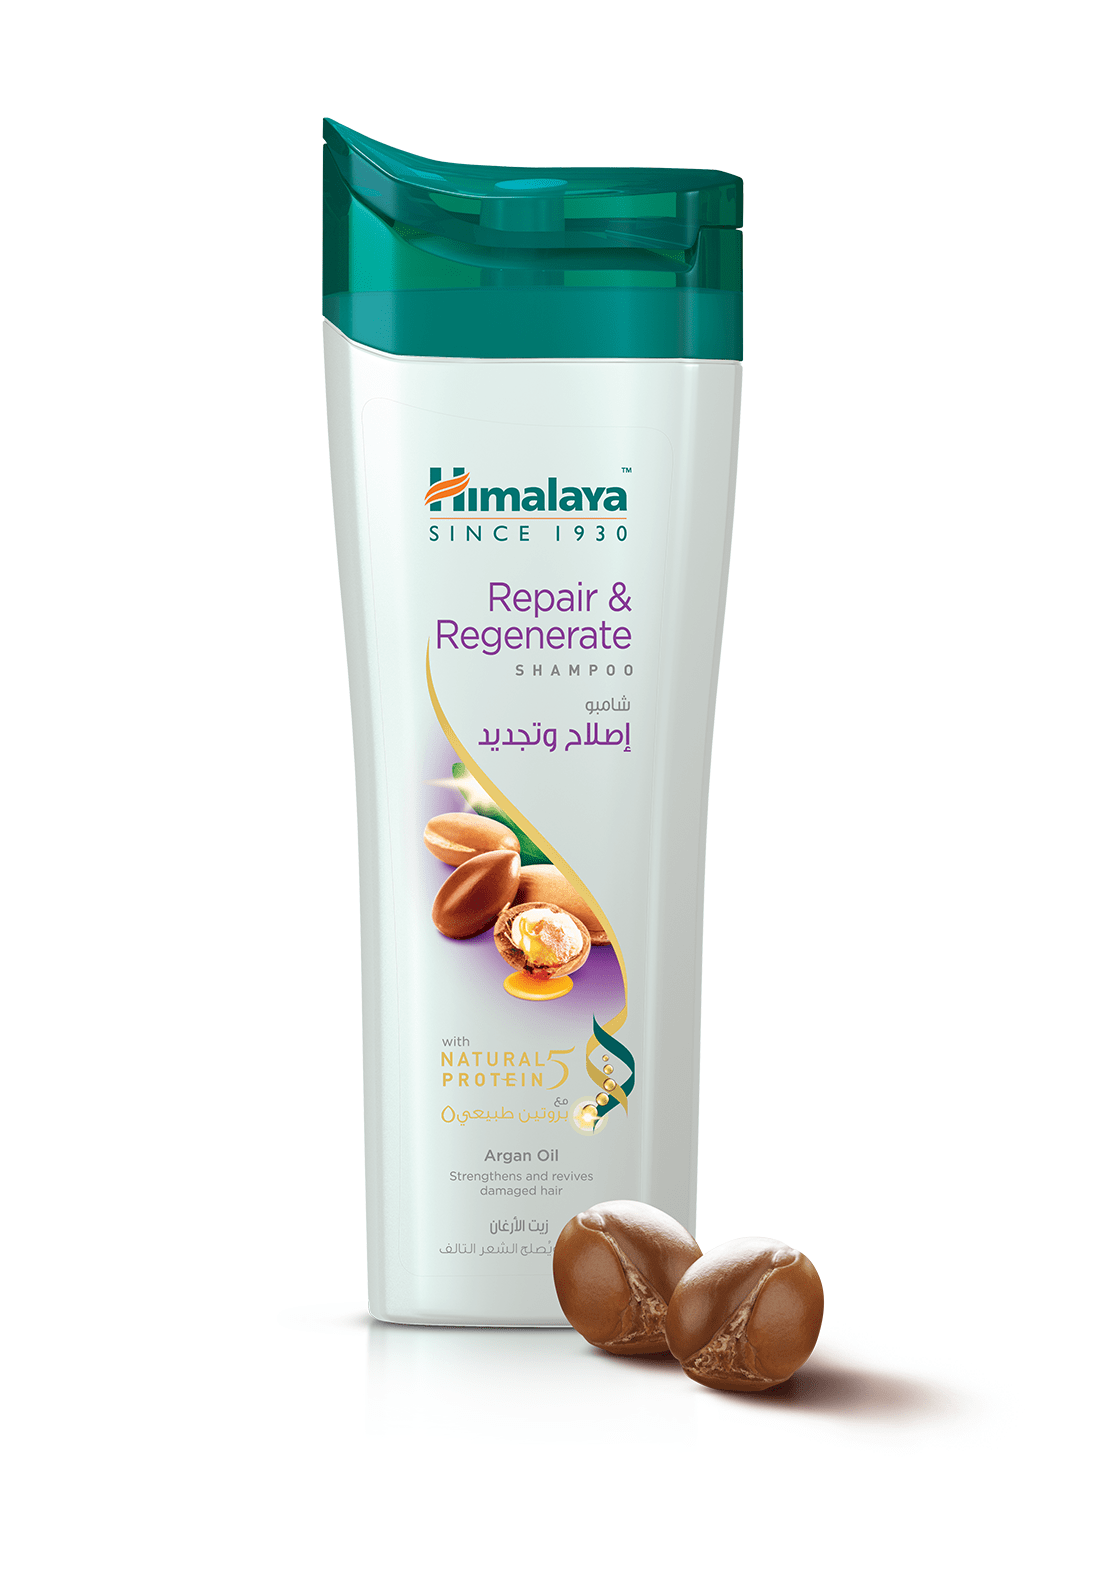 Shampoo 400ml - Repair & Regenerate هيمالايا شامبو إصلاح و تجديد بزيت الأرغان